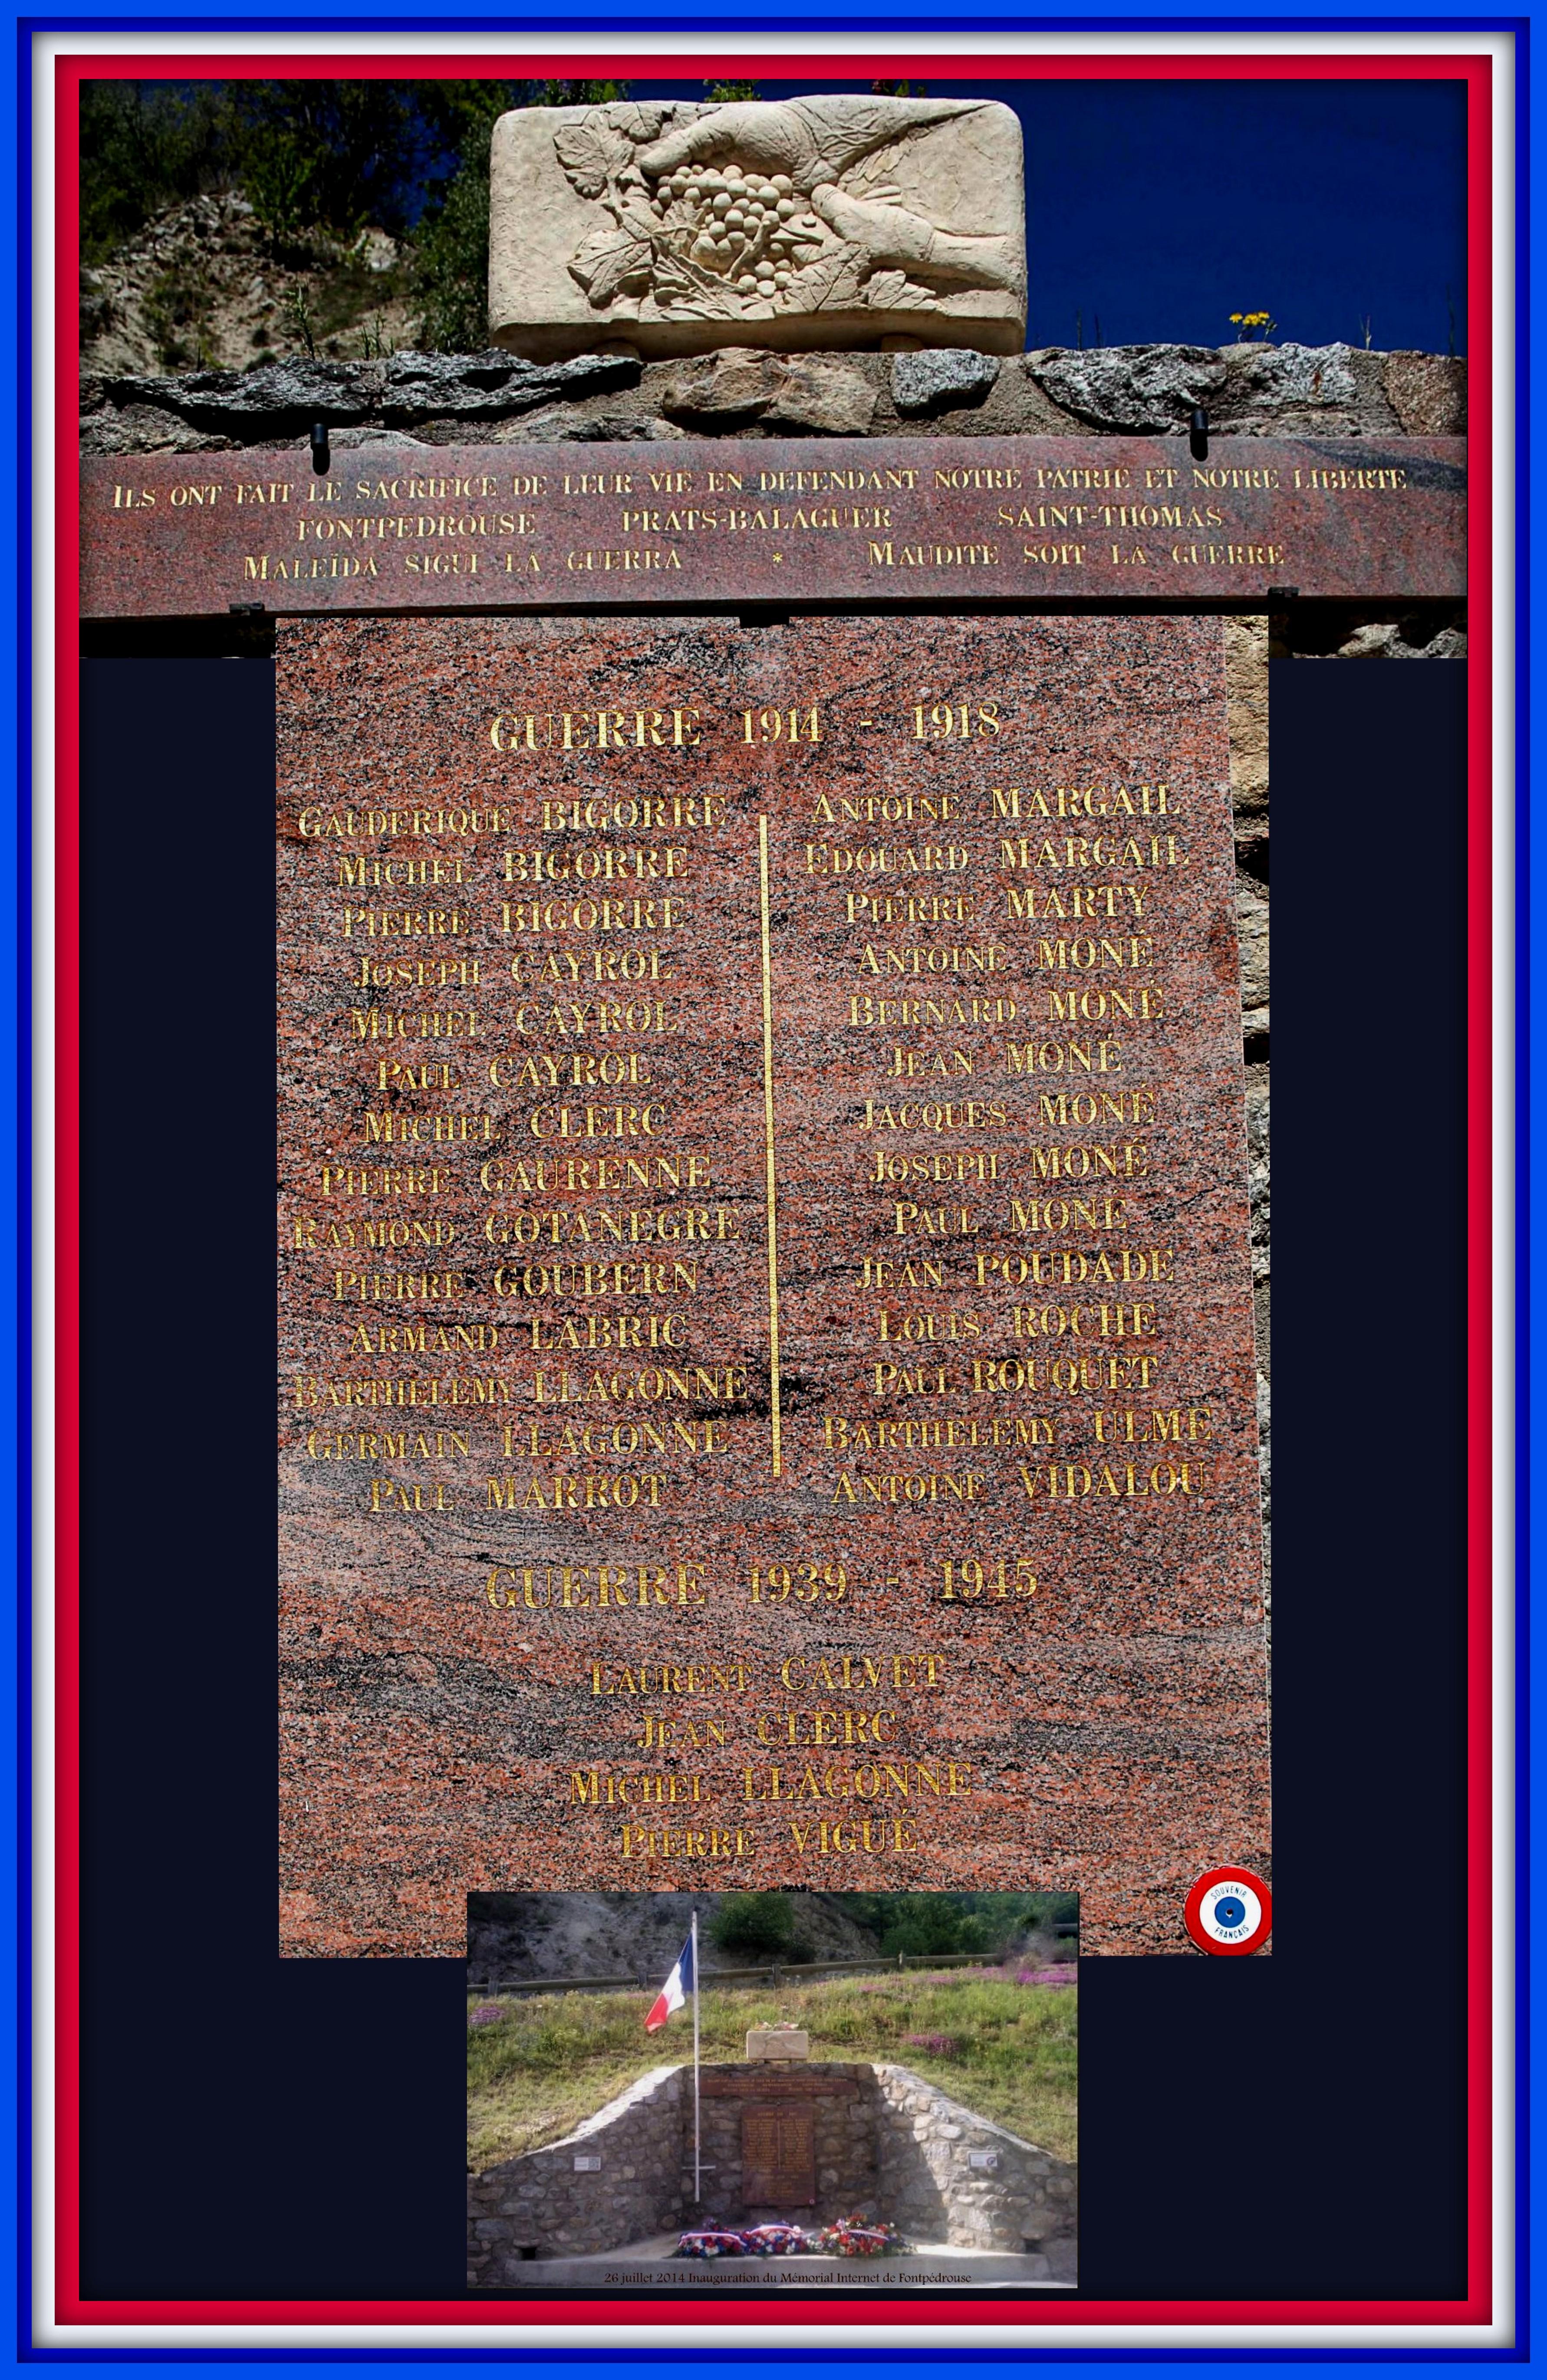 monument_details.JPG